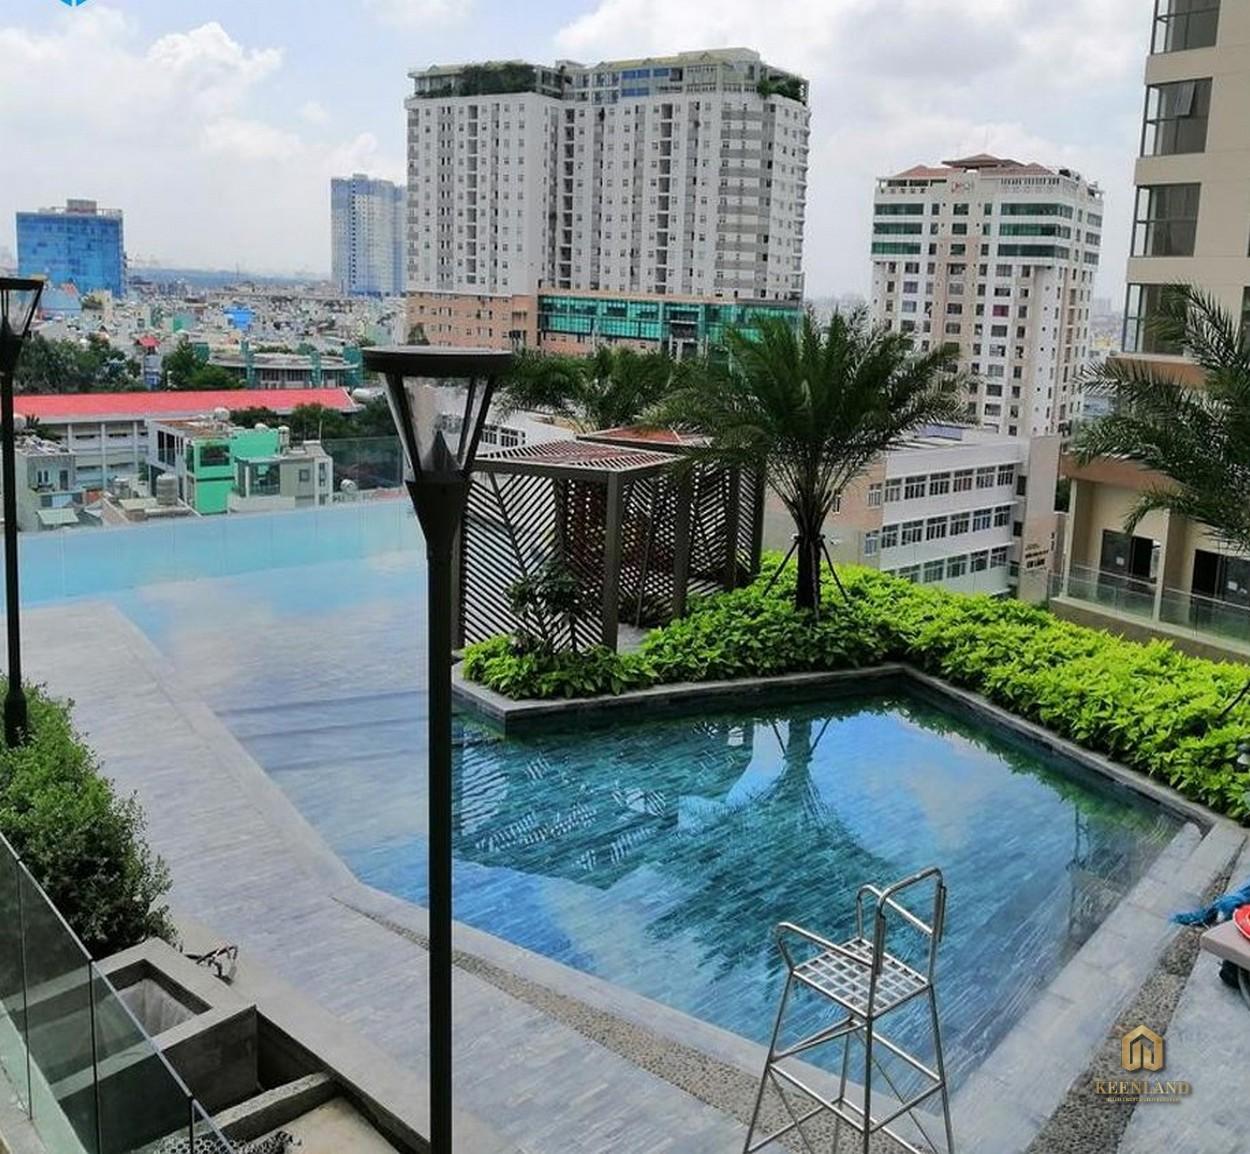 Toàn cảnh hồ bơi xanh mát nhìn từ trên cao nội khu Orient Department